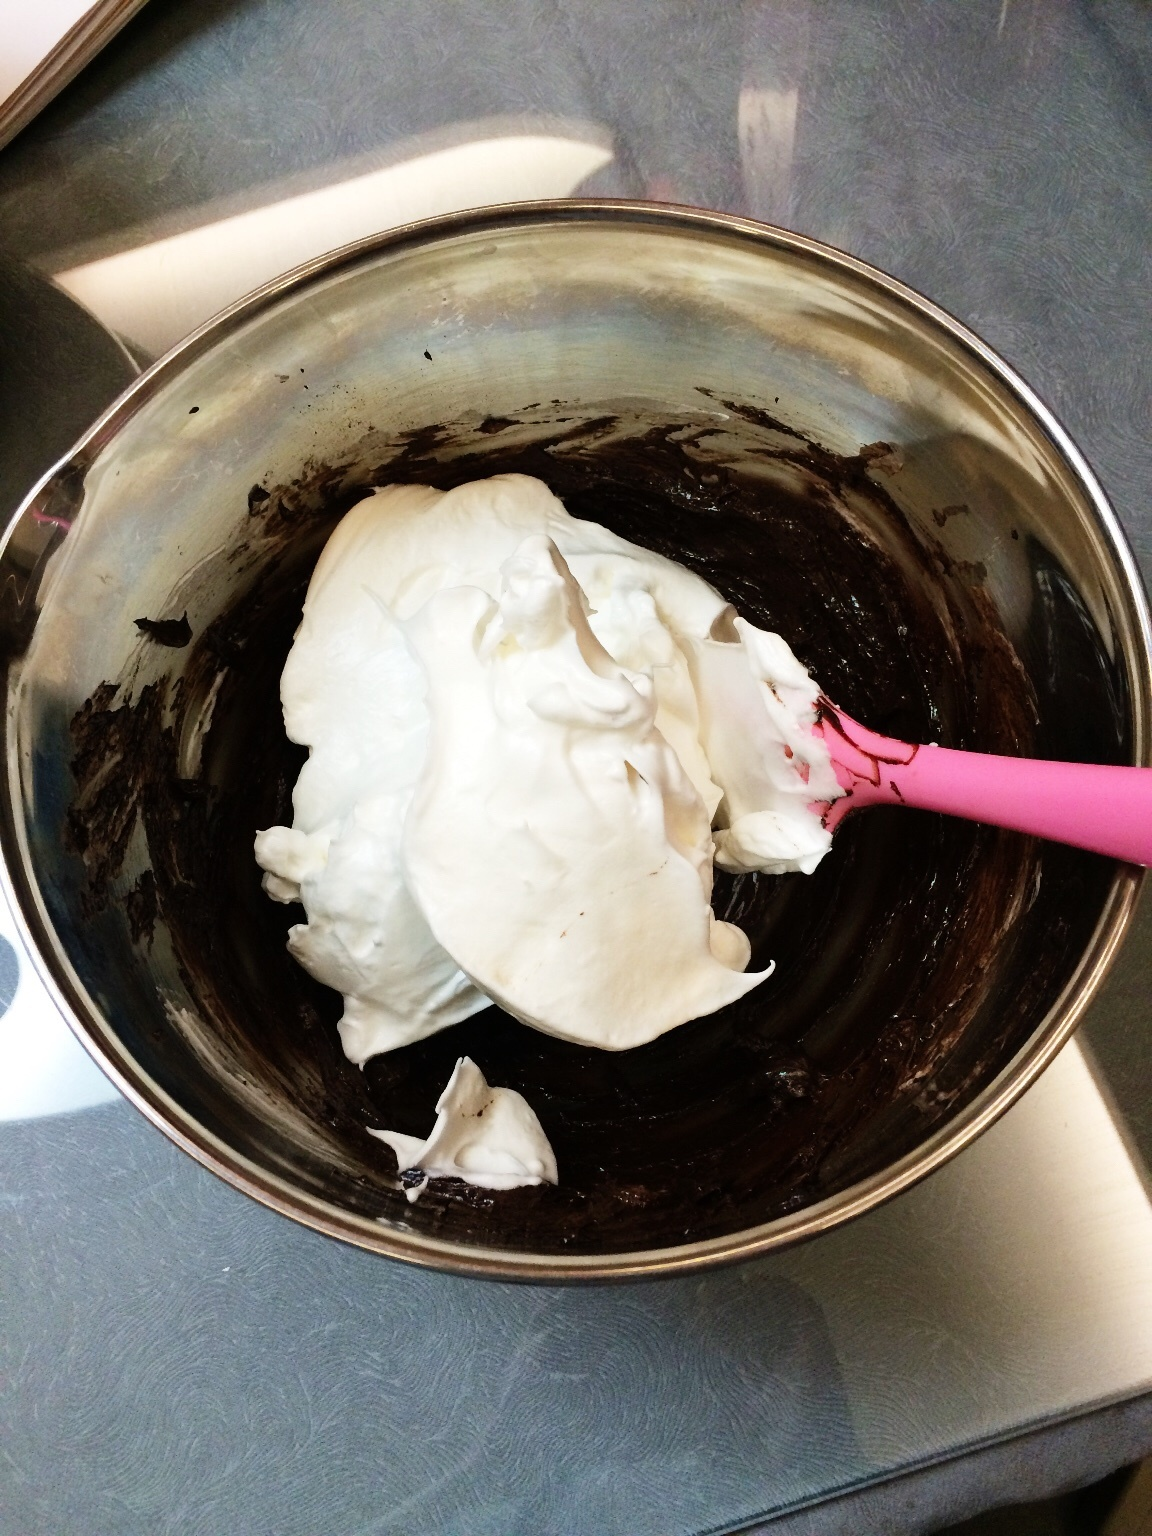 蒸烤黑森林蛋糕的做法和步骤第12张图